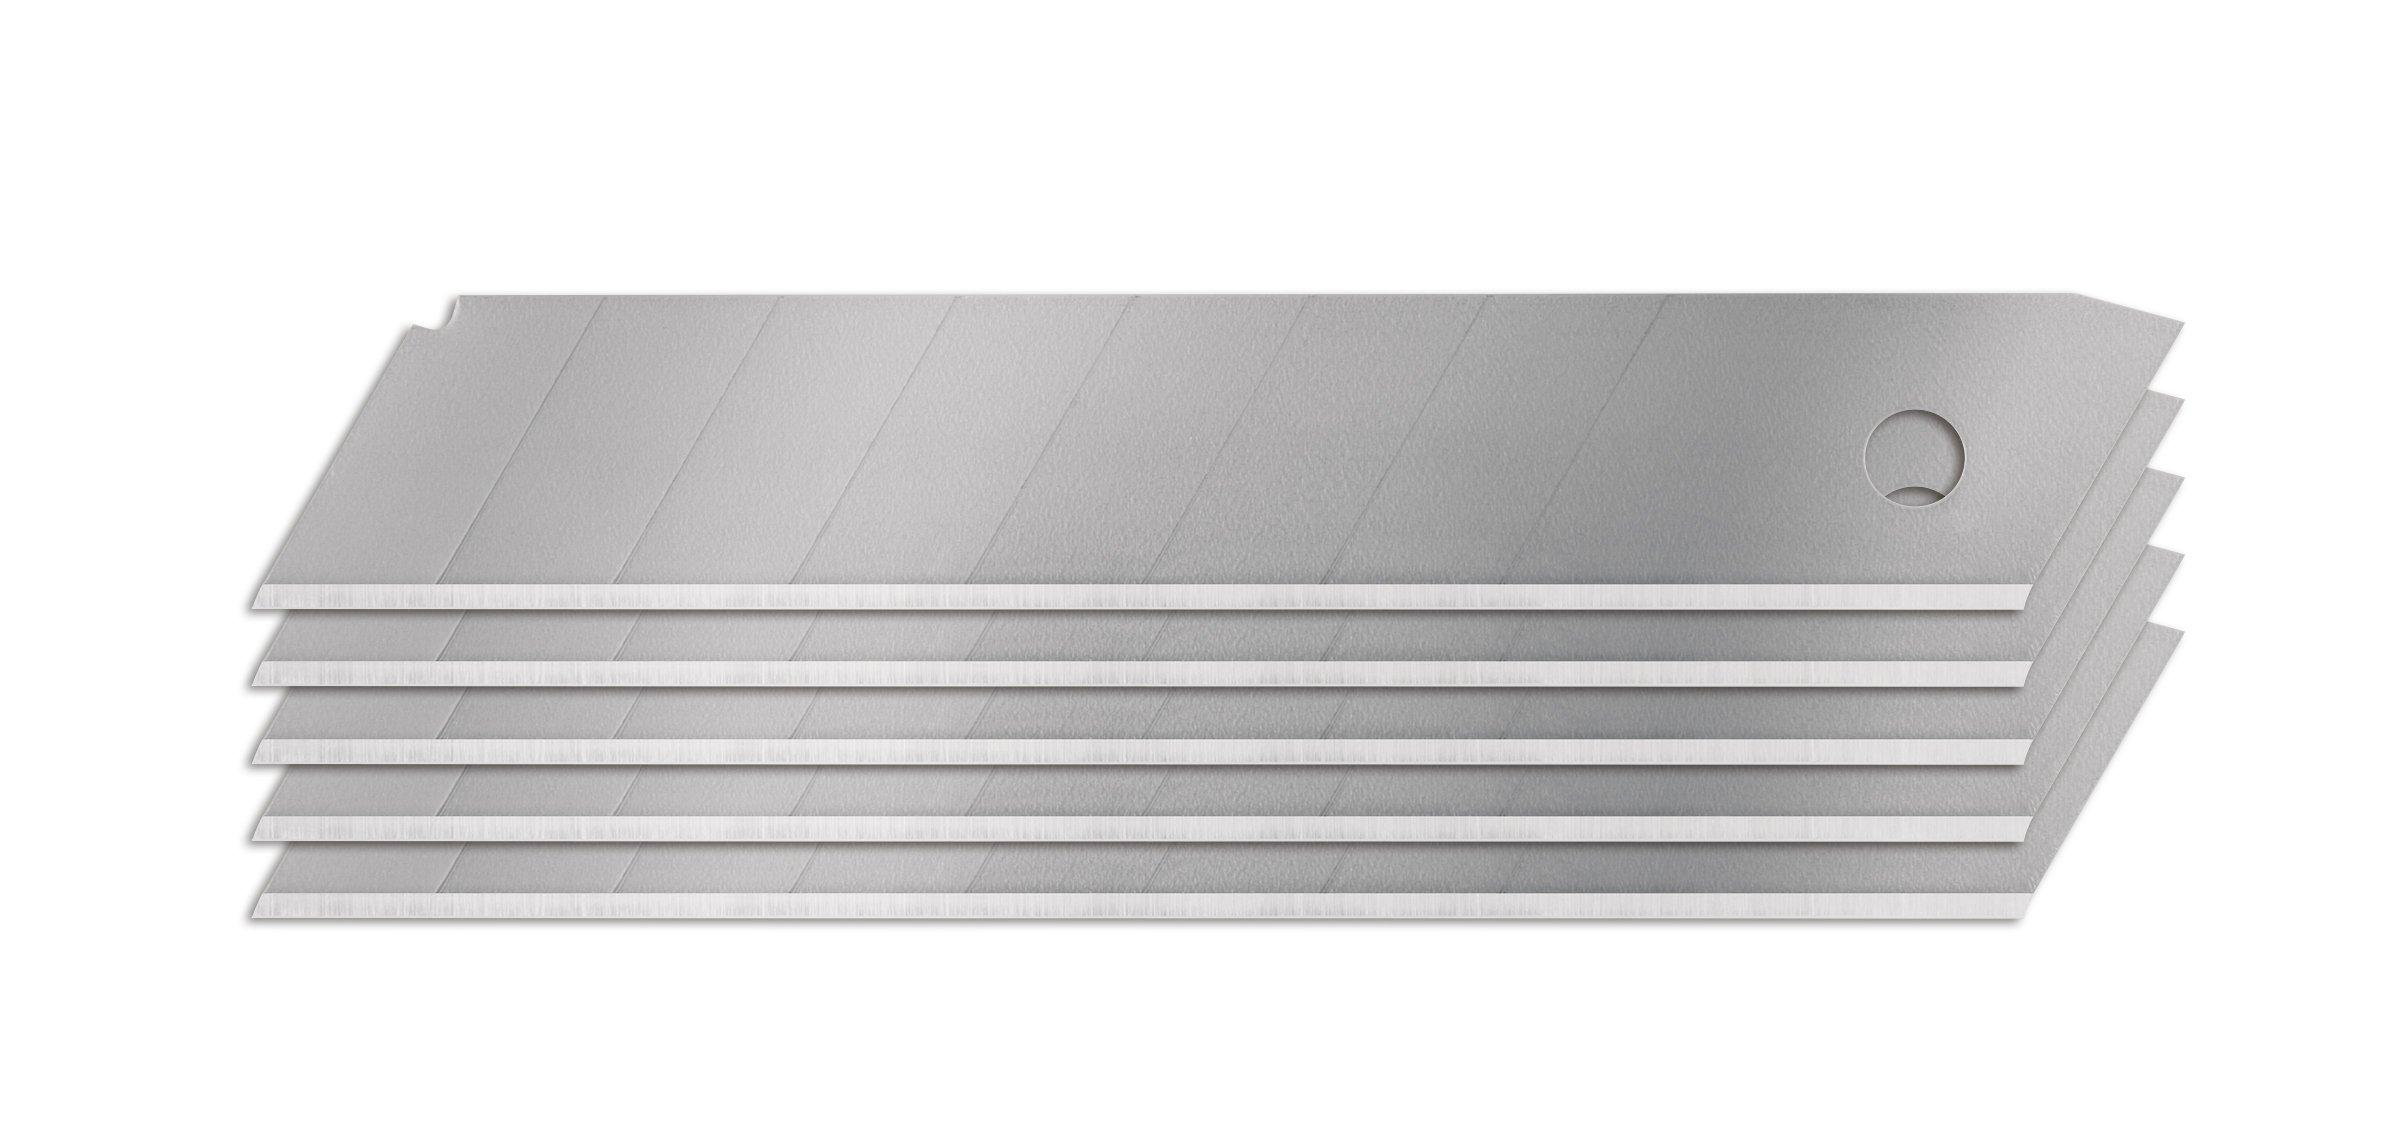 Fiskars 144770-1001 18mm Snapp-Off Utility Blade, 5 Pack